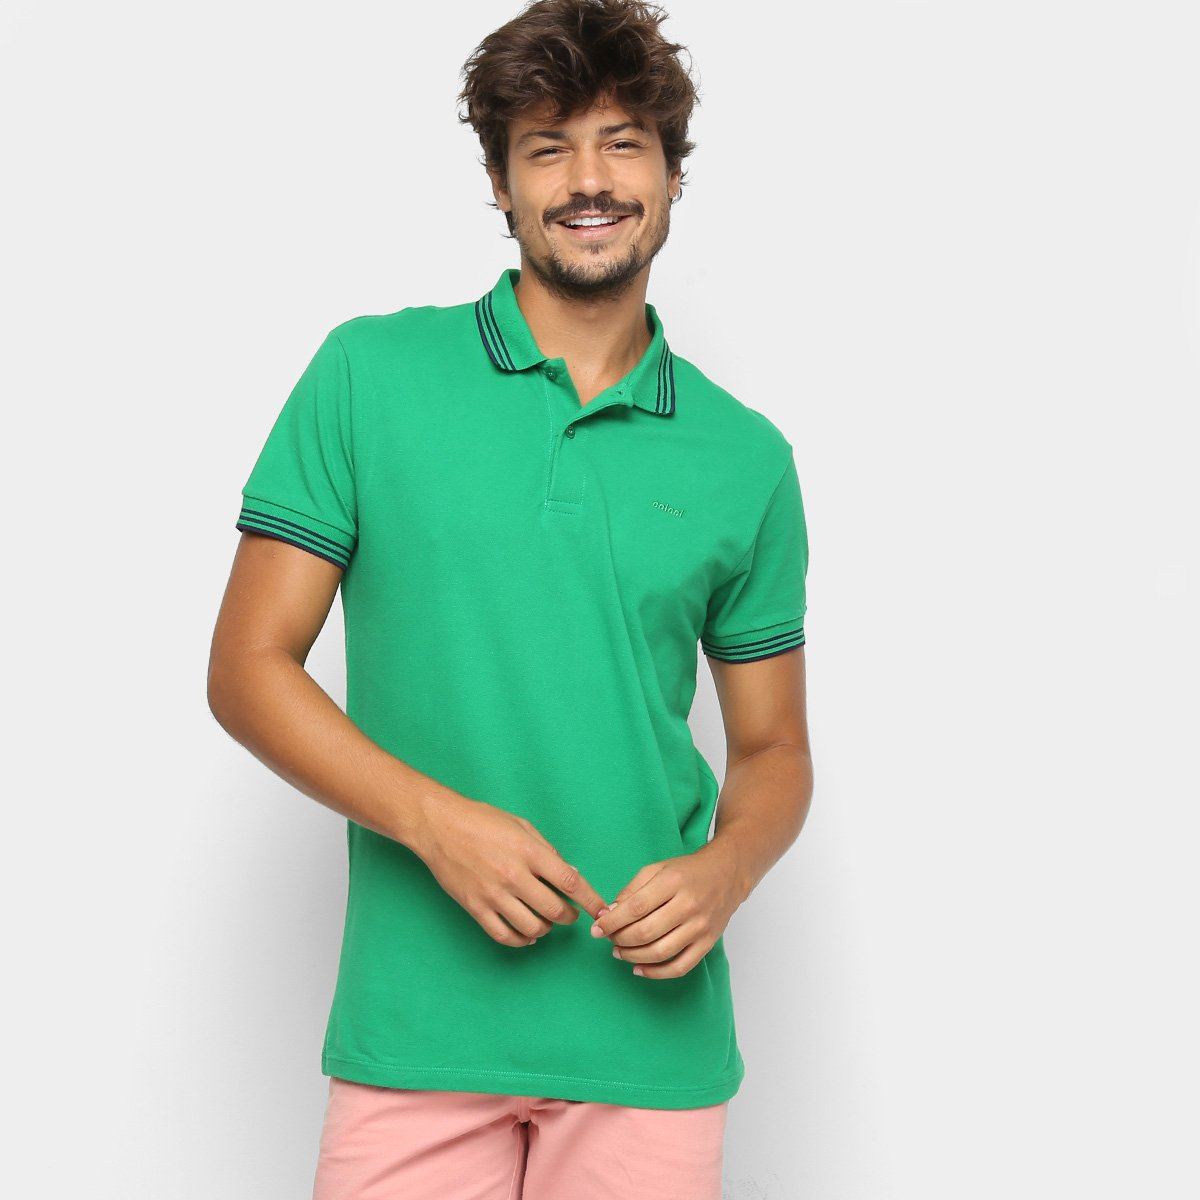 637671253 Camisas | Livelo -Sua Vida com Mais Recompensas